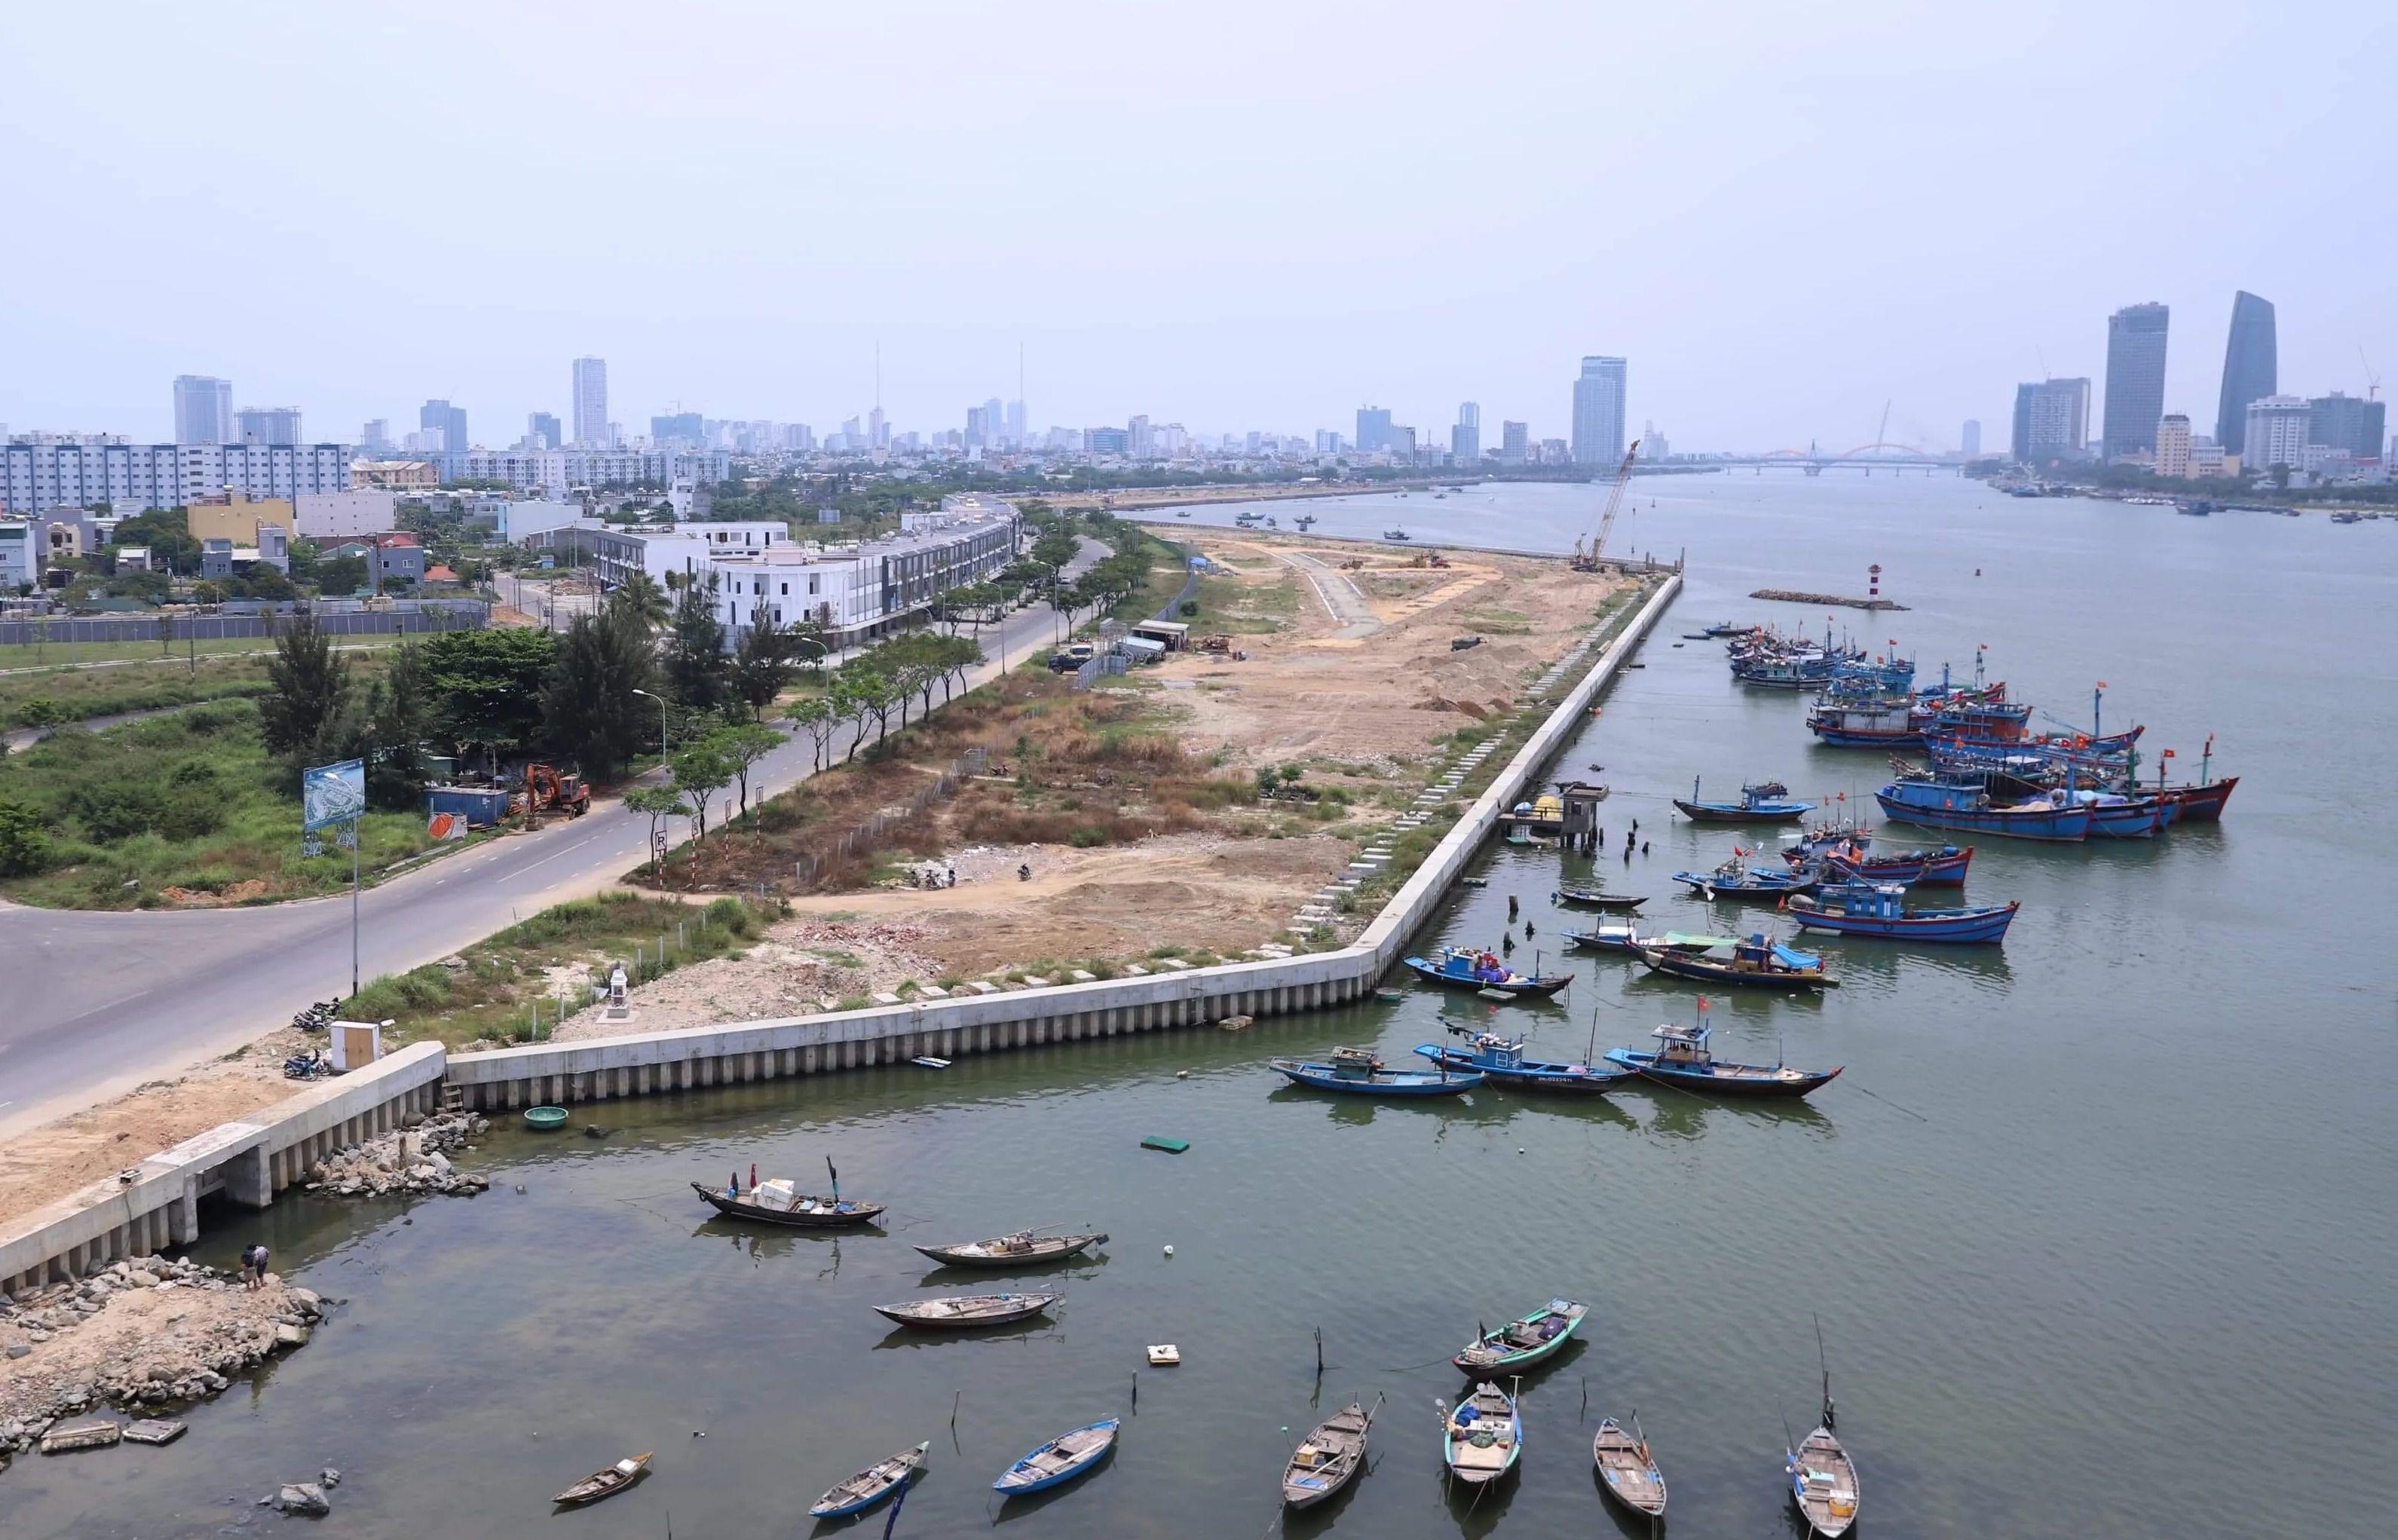 Thủ tướng yêu cầu Đà Nẵng kiểm tra việc lấn sông Hàn làm dự án